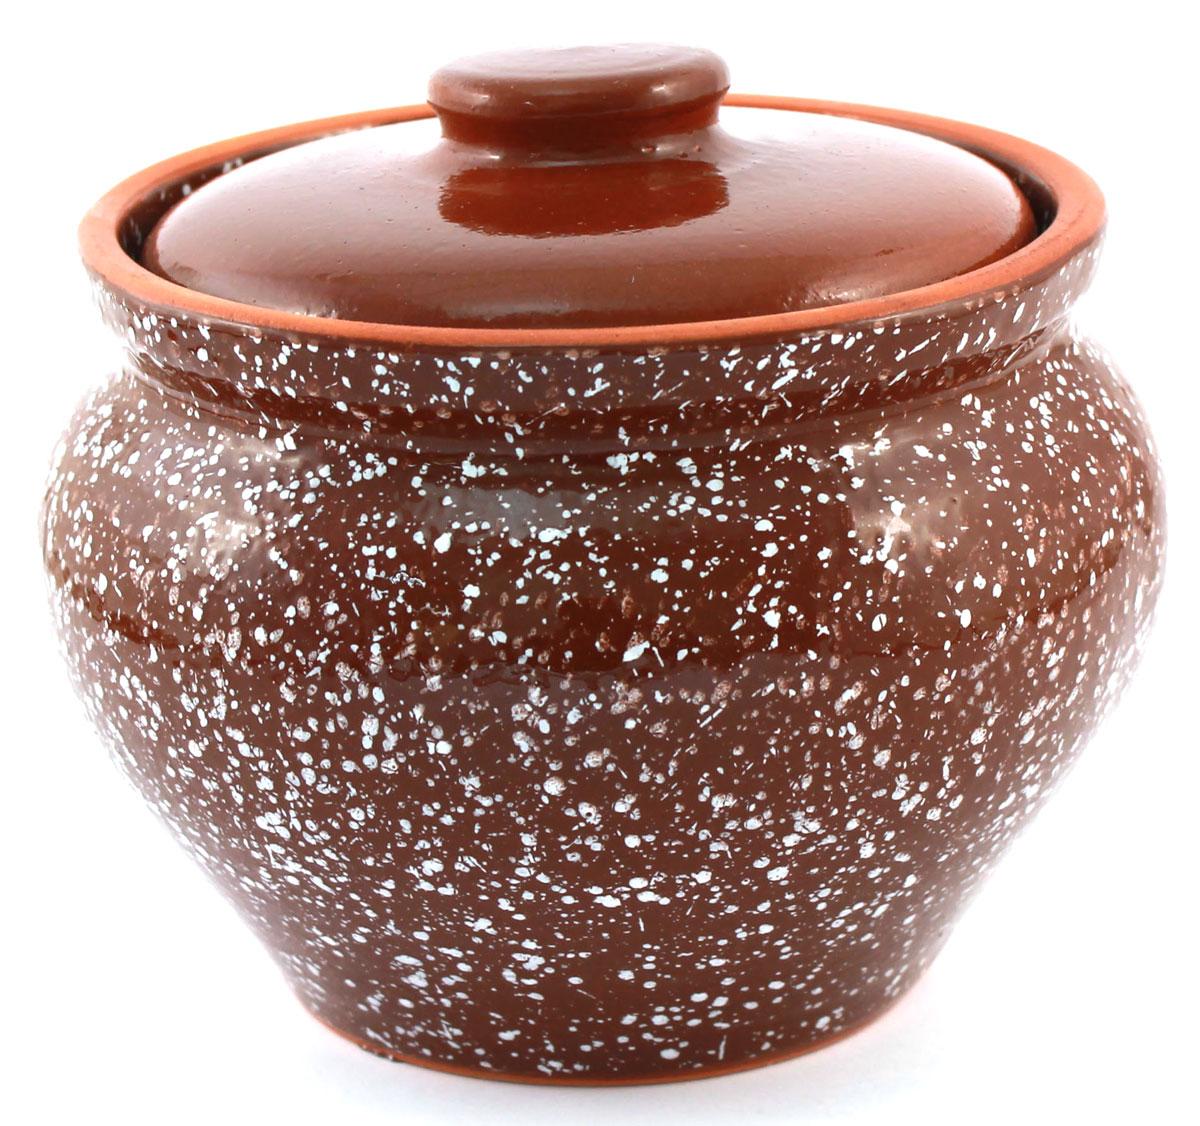 Горшок для запекания Ломоносовская керамика, с крышкой, цвет: коричневый мрамор, 800 мл1Г3мк-11Горшок для запекания Ломоносовская керамика с крышкой выполнен из высококачественной глины. Уникальные свойства глины и толстые стенки изделия обеспечивают эффект русской печи при приготовлении блюд. Блюда, приготовленные в керамическом горшке, получаются нежными исочными. Вы сможете приготовить мясо, сделать томленые овощи и все это без капли масла. Этоодин из самых здоровых способов готовки.